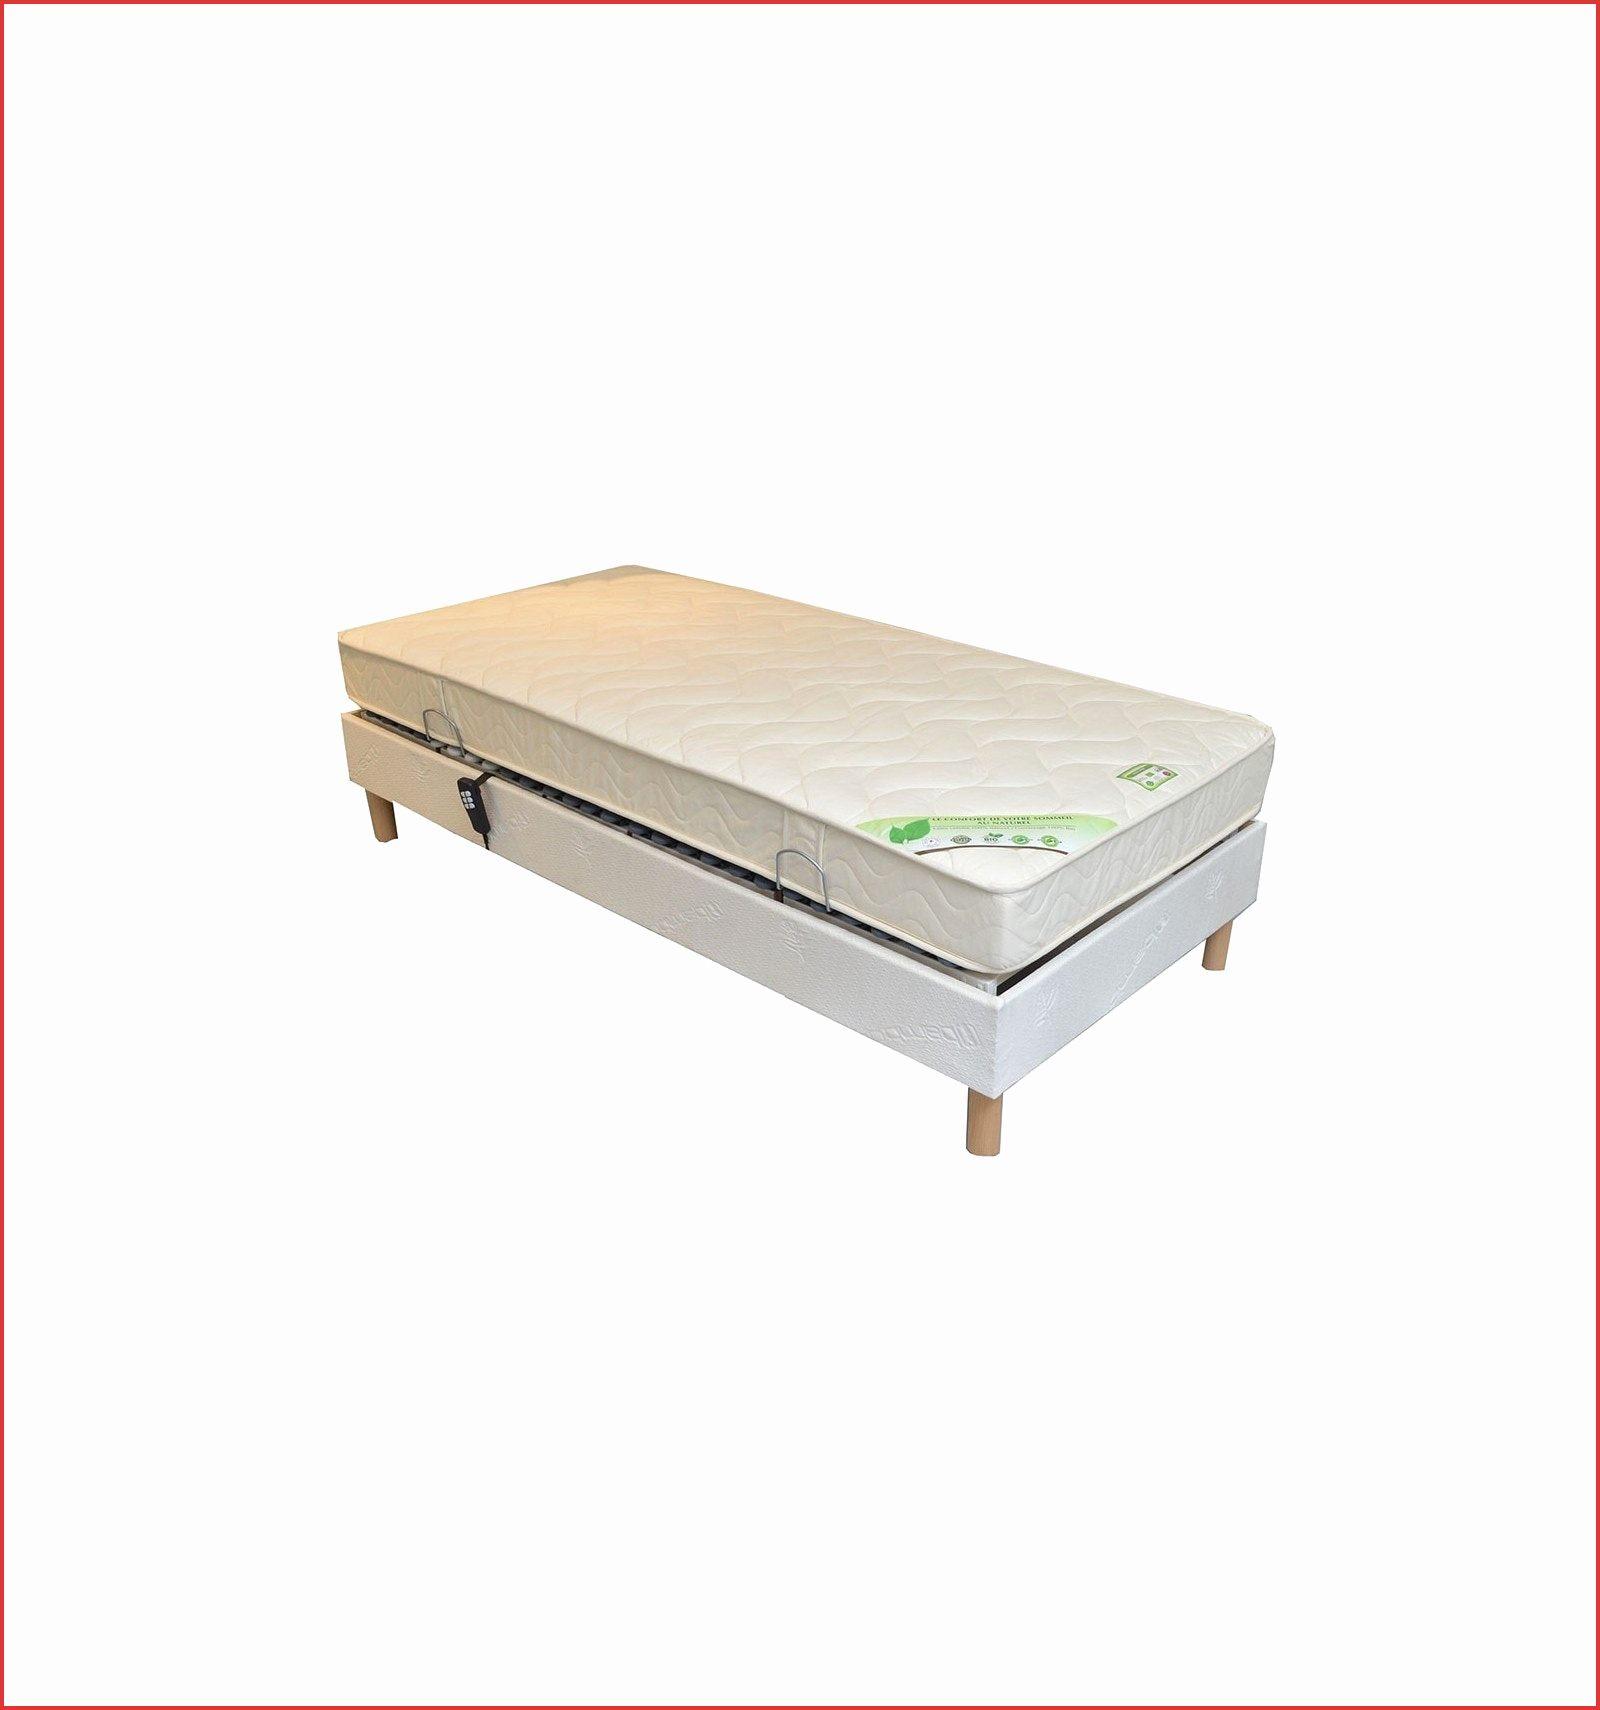 Lit Electrique 160x200 De Luxe sommier Electrique 160—200 Ikea Génial Les 46 Unique Matelas Latex